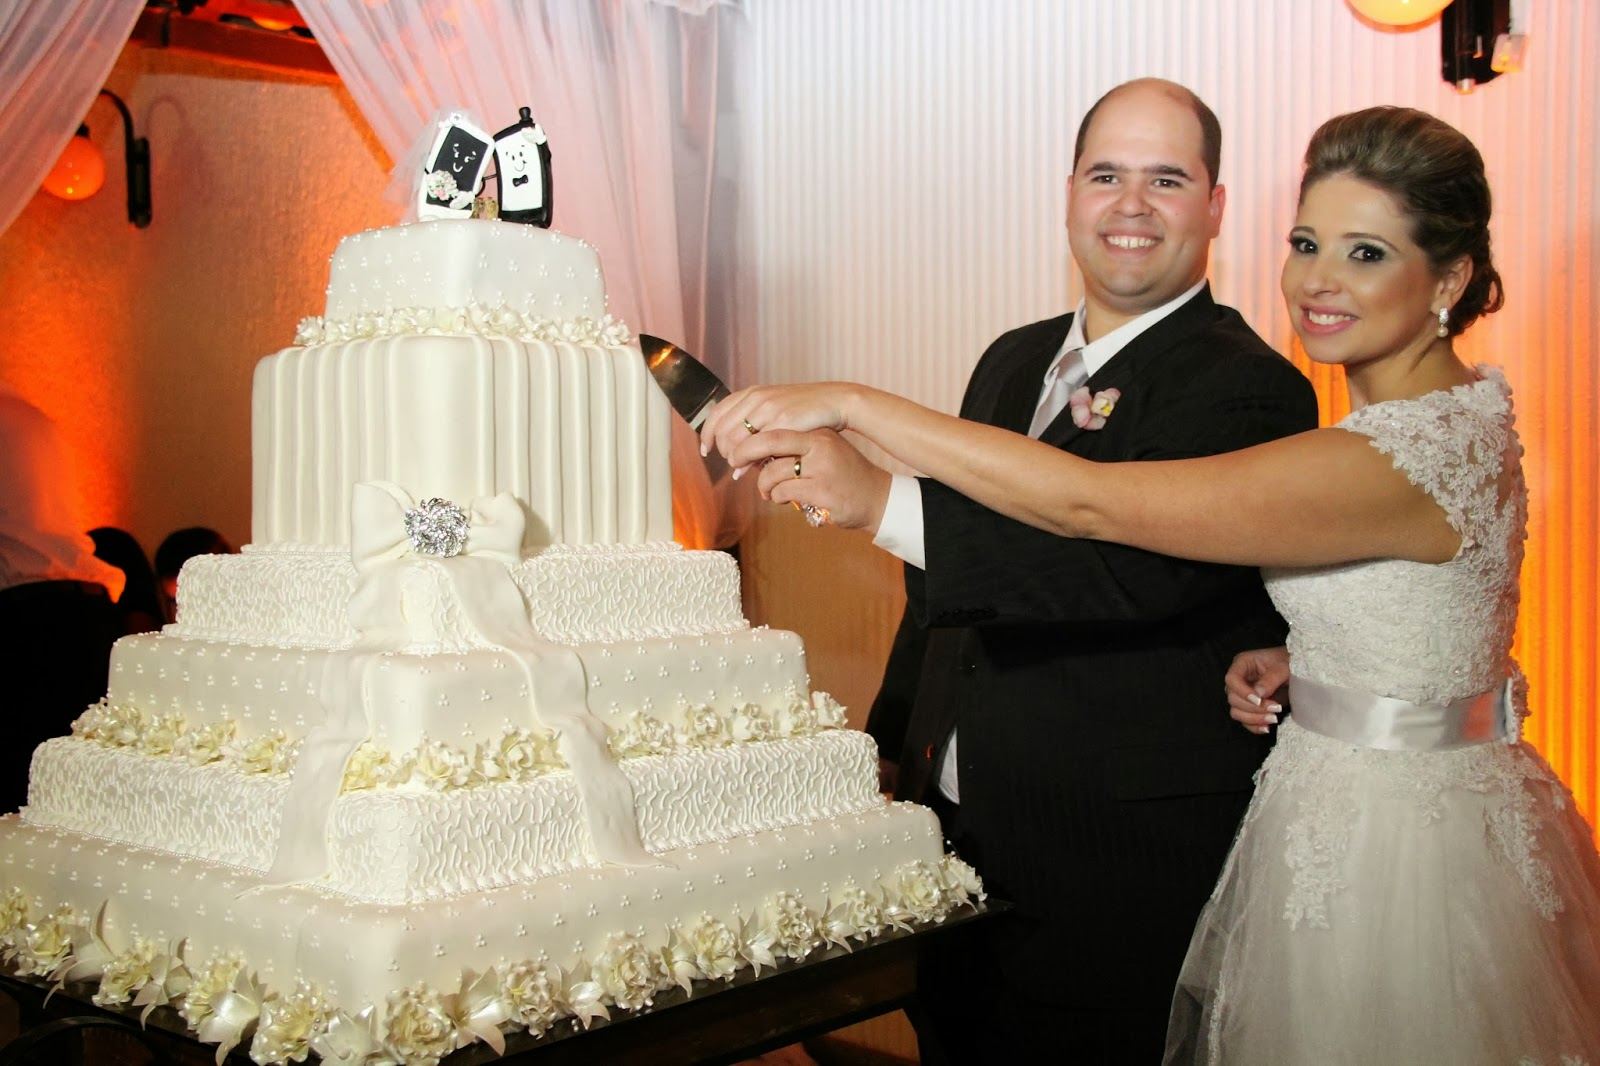 casamento-geek-corte-bolo